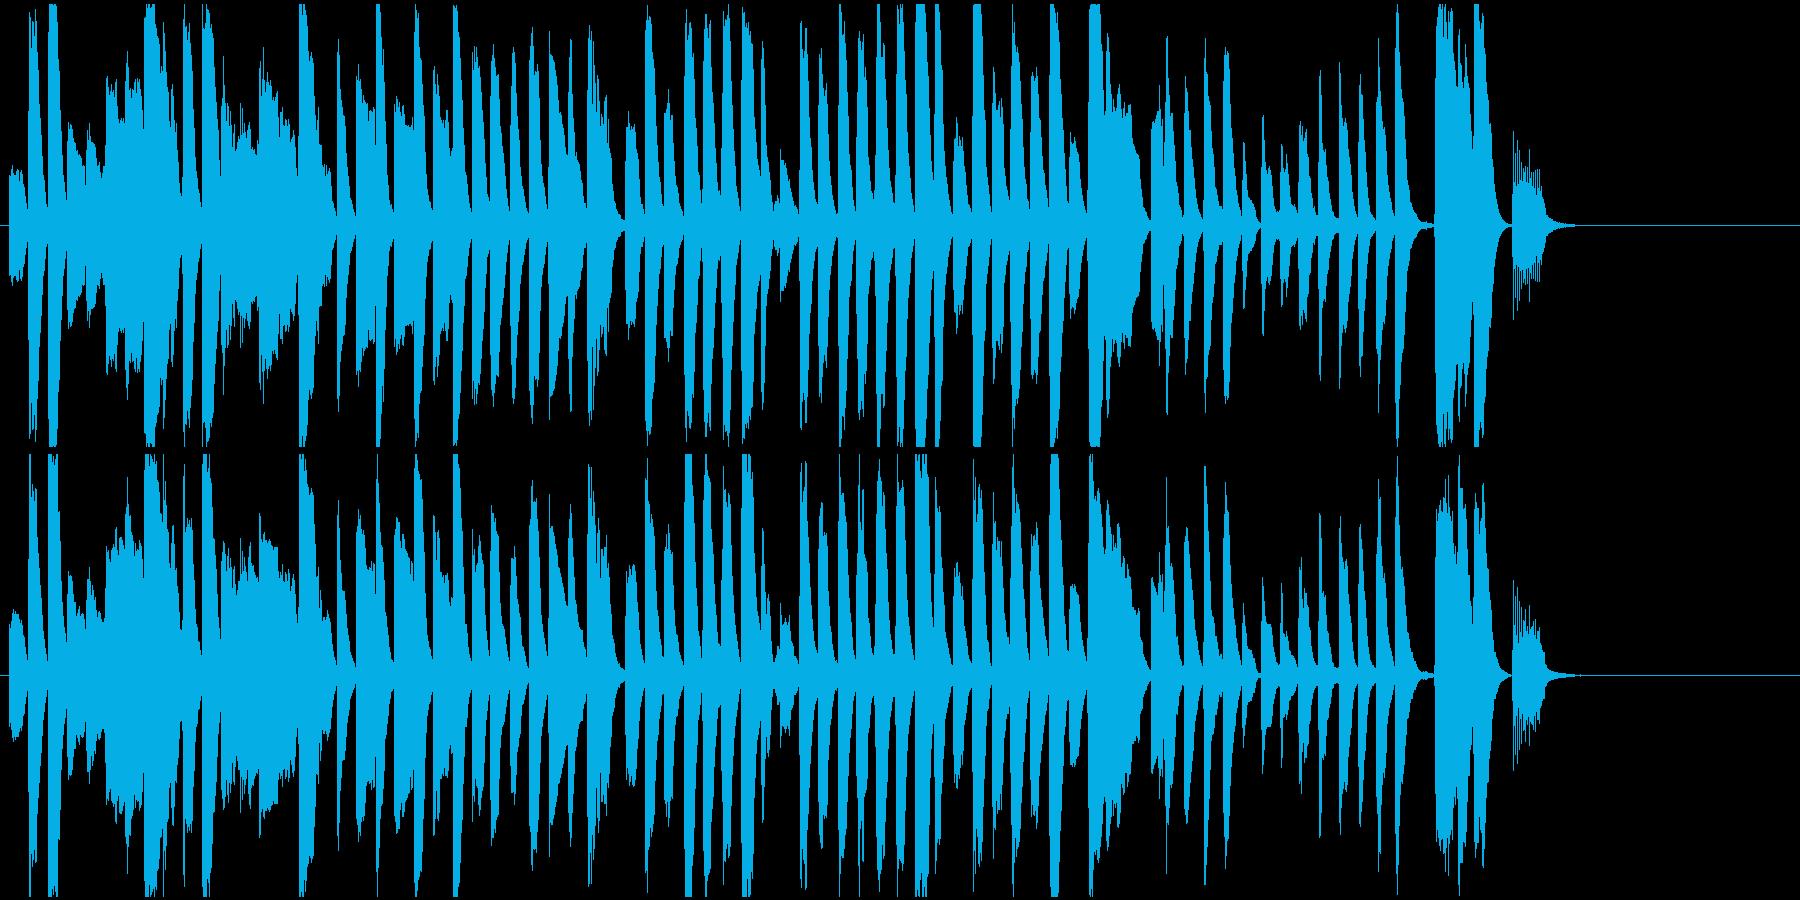 ジングル レトロでかわいい印象ピアノソロの再生済みの波形